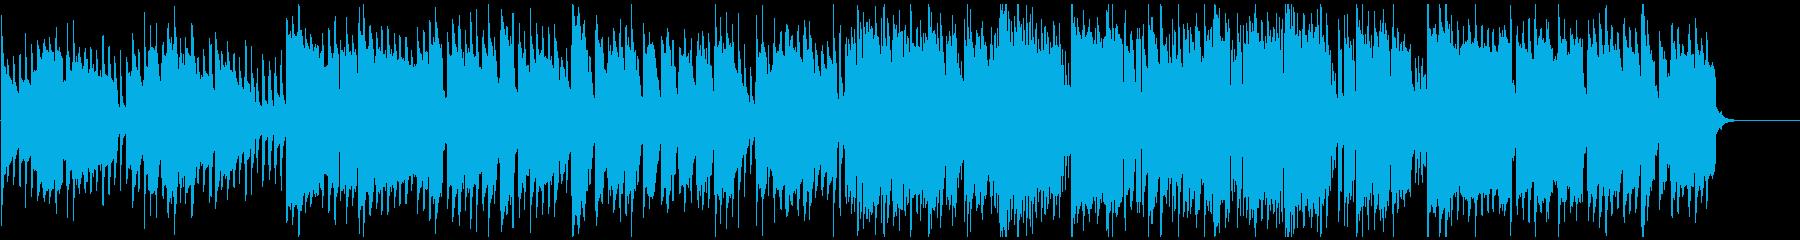 キラキラ音+クラリネットの妖精系BGMの再生済みの波形